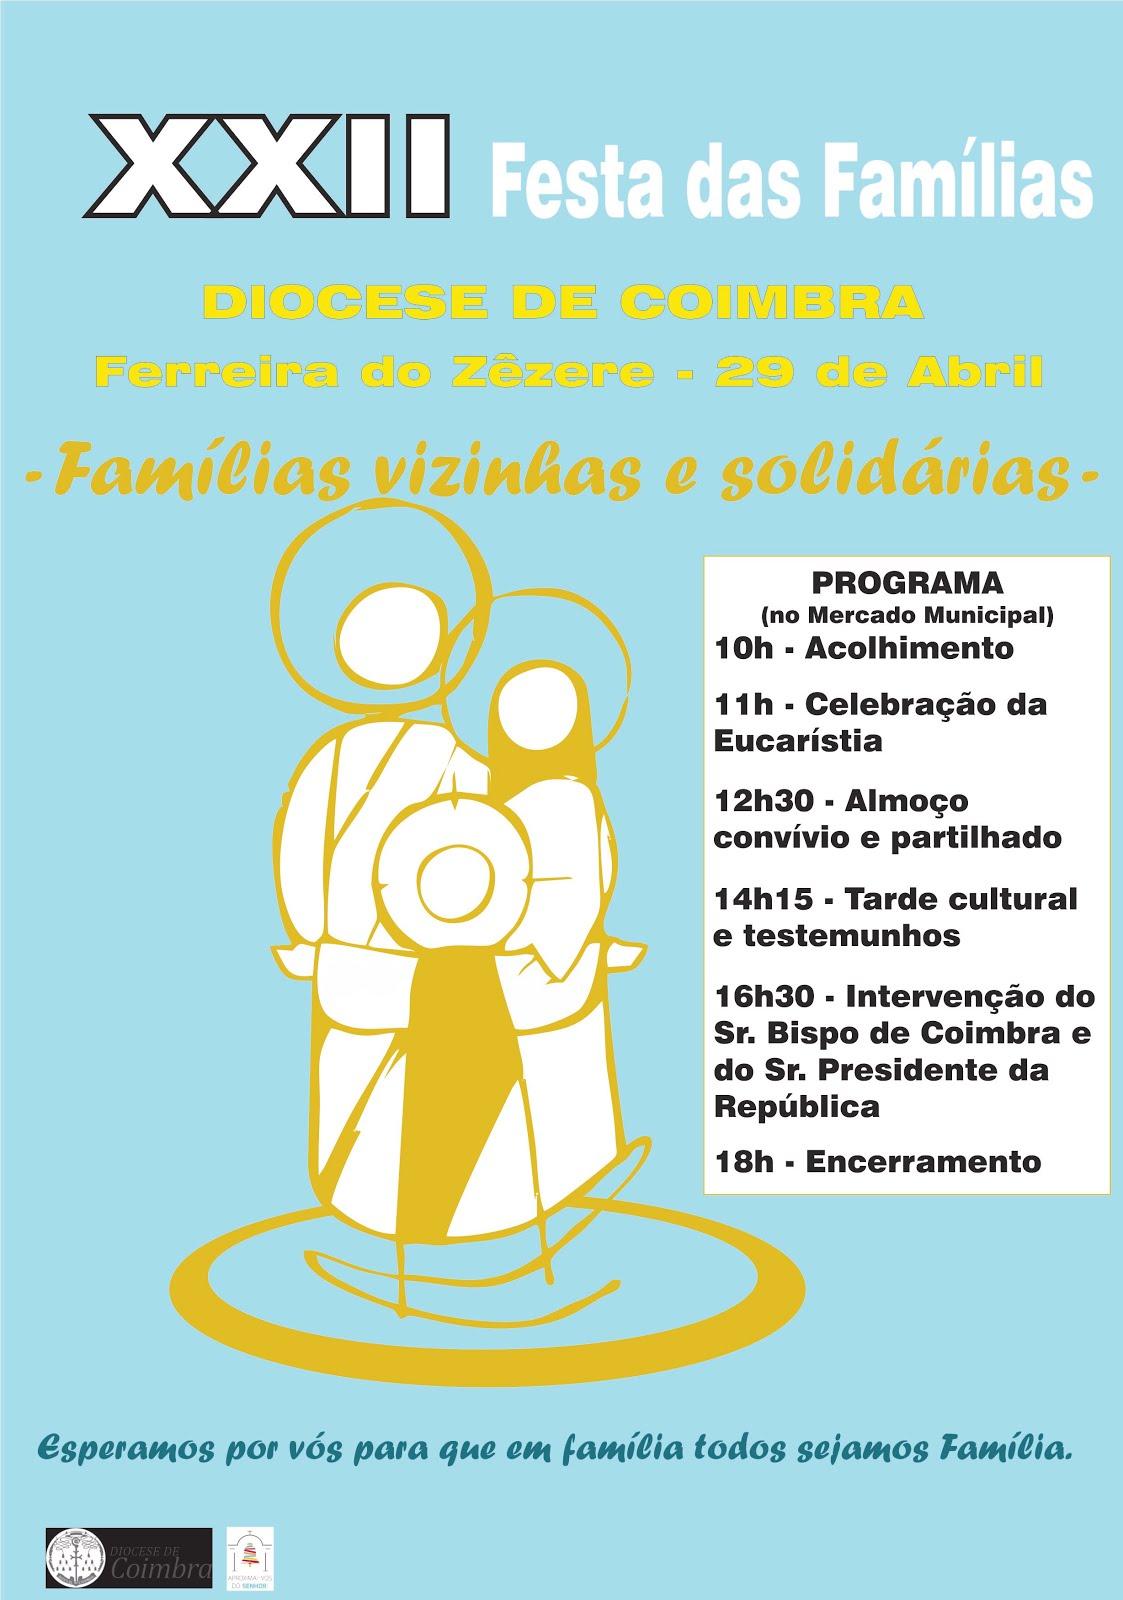 Festa diocesana das famílias - 29 de abril em Ferreira do Zêzere